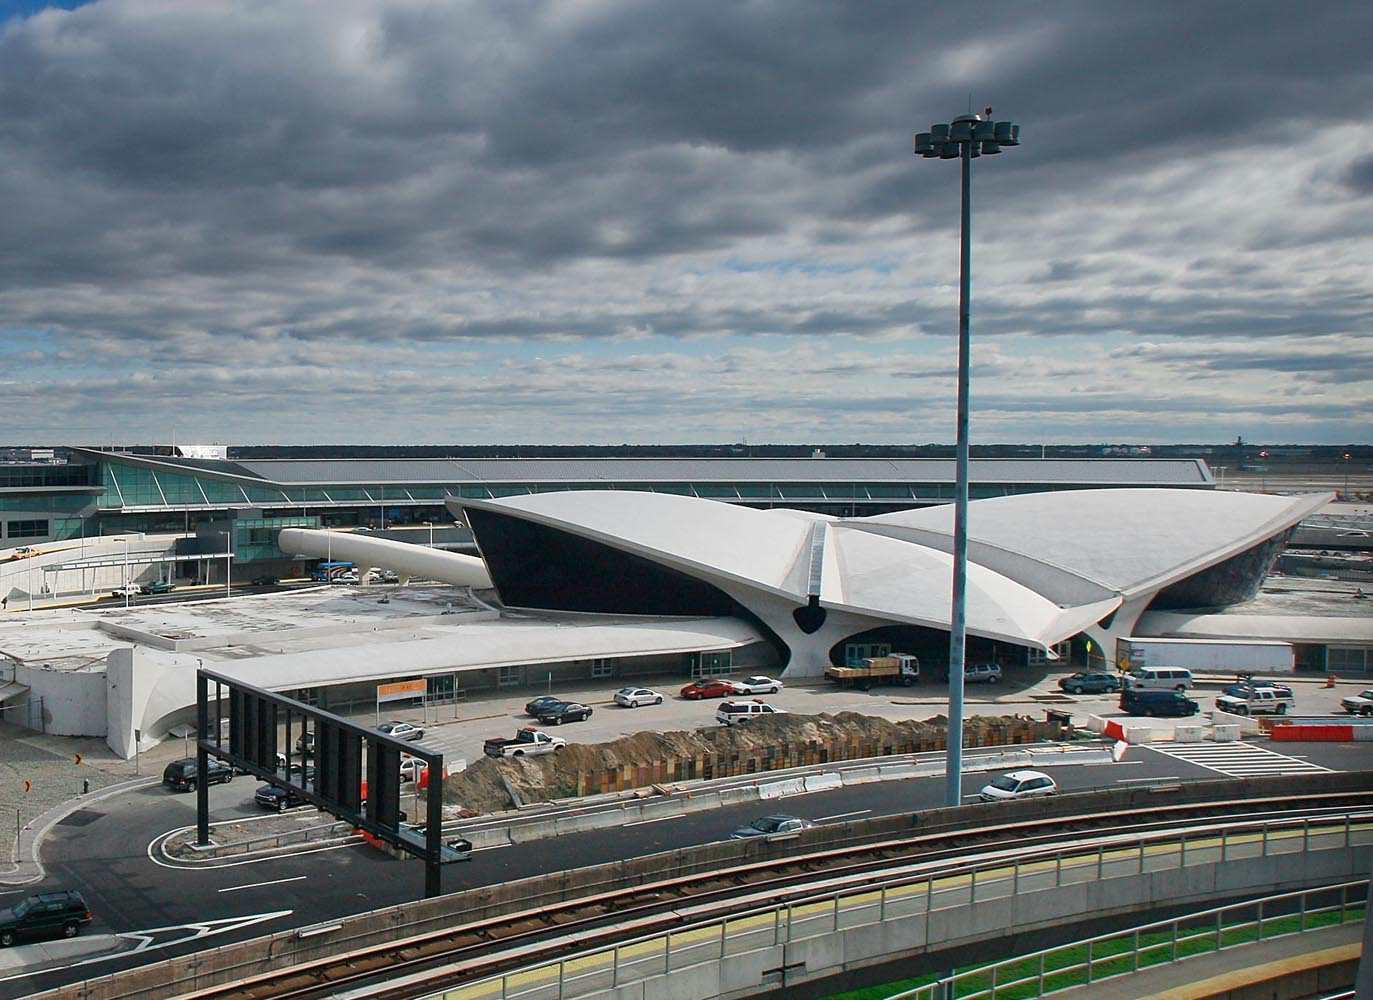 TWA Terminal at JFK Airport by Eero Saarinen